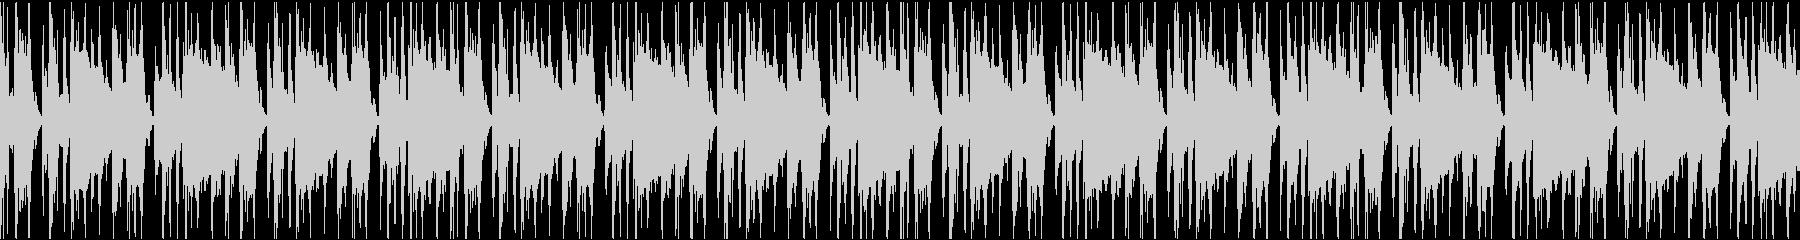 スピード感を演出したい時のドラムループの未再生の波形